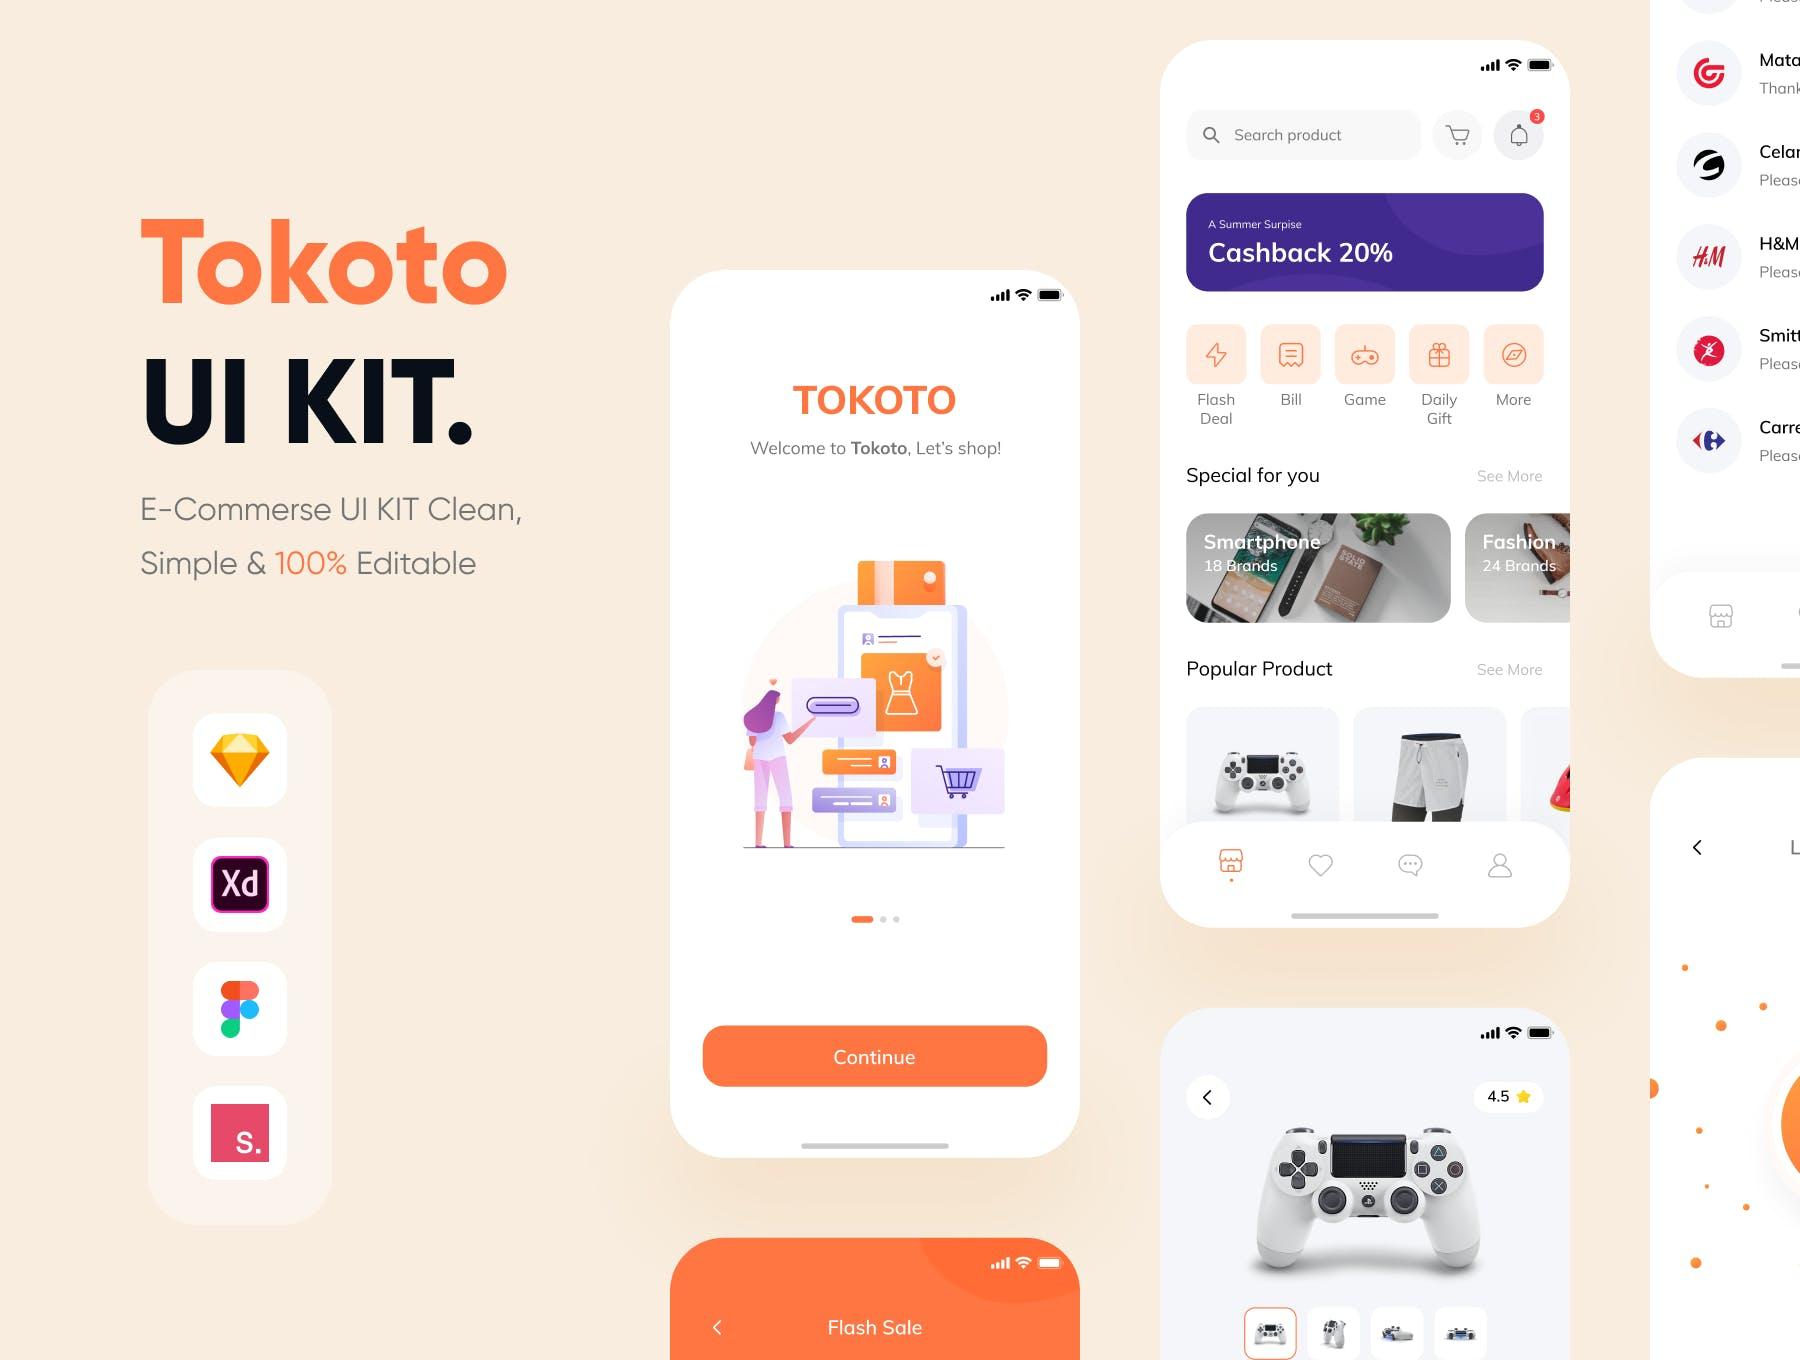 在线购物东京风格的电商 Apps UI Kit流行设计模板 designshidai_ui127